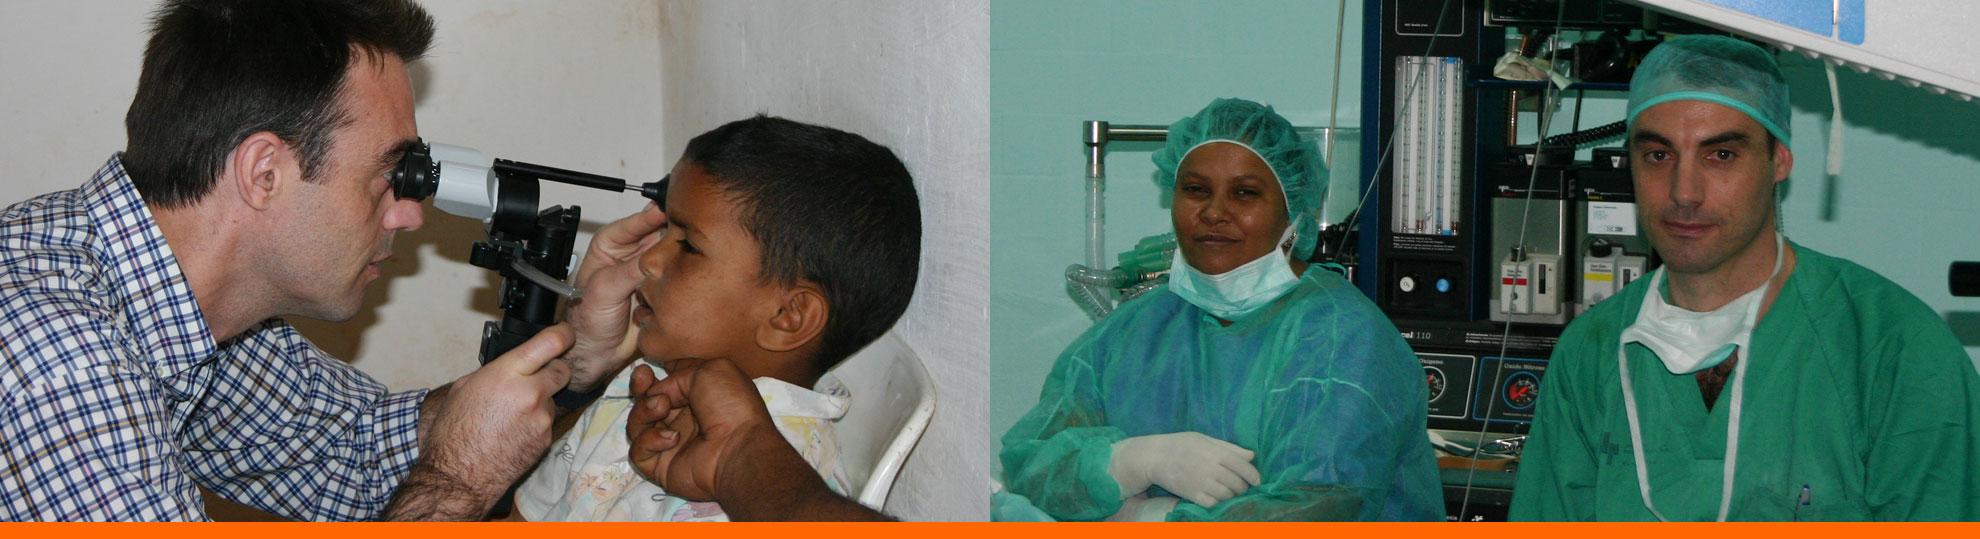 Clinicas tecnovision en Sahara